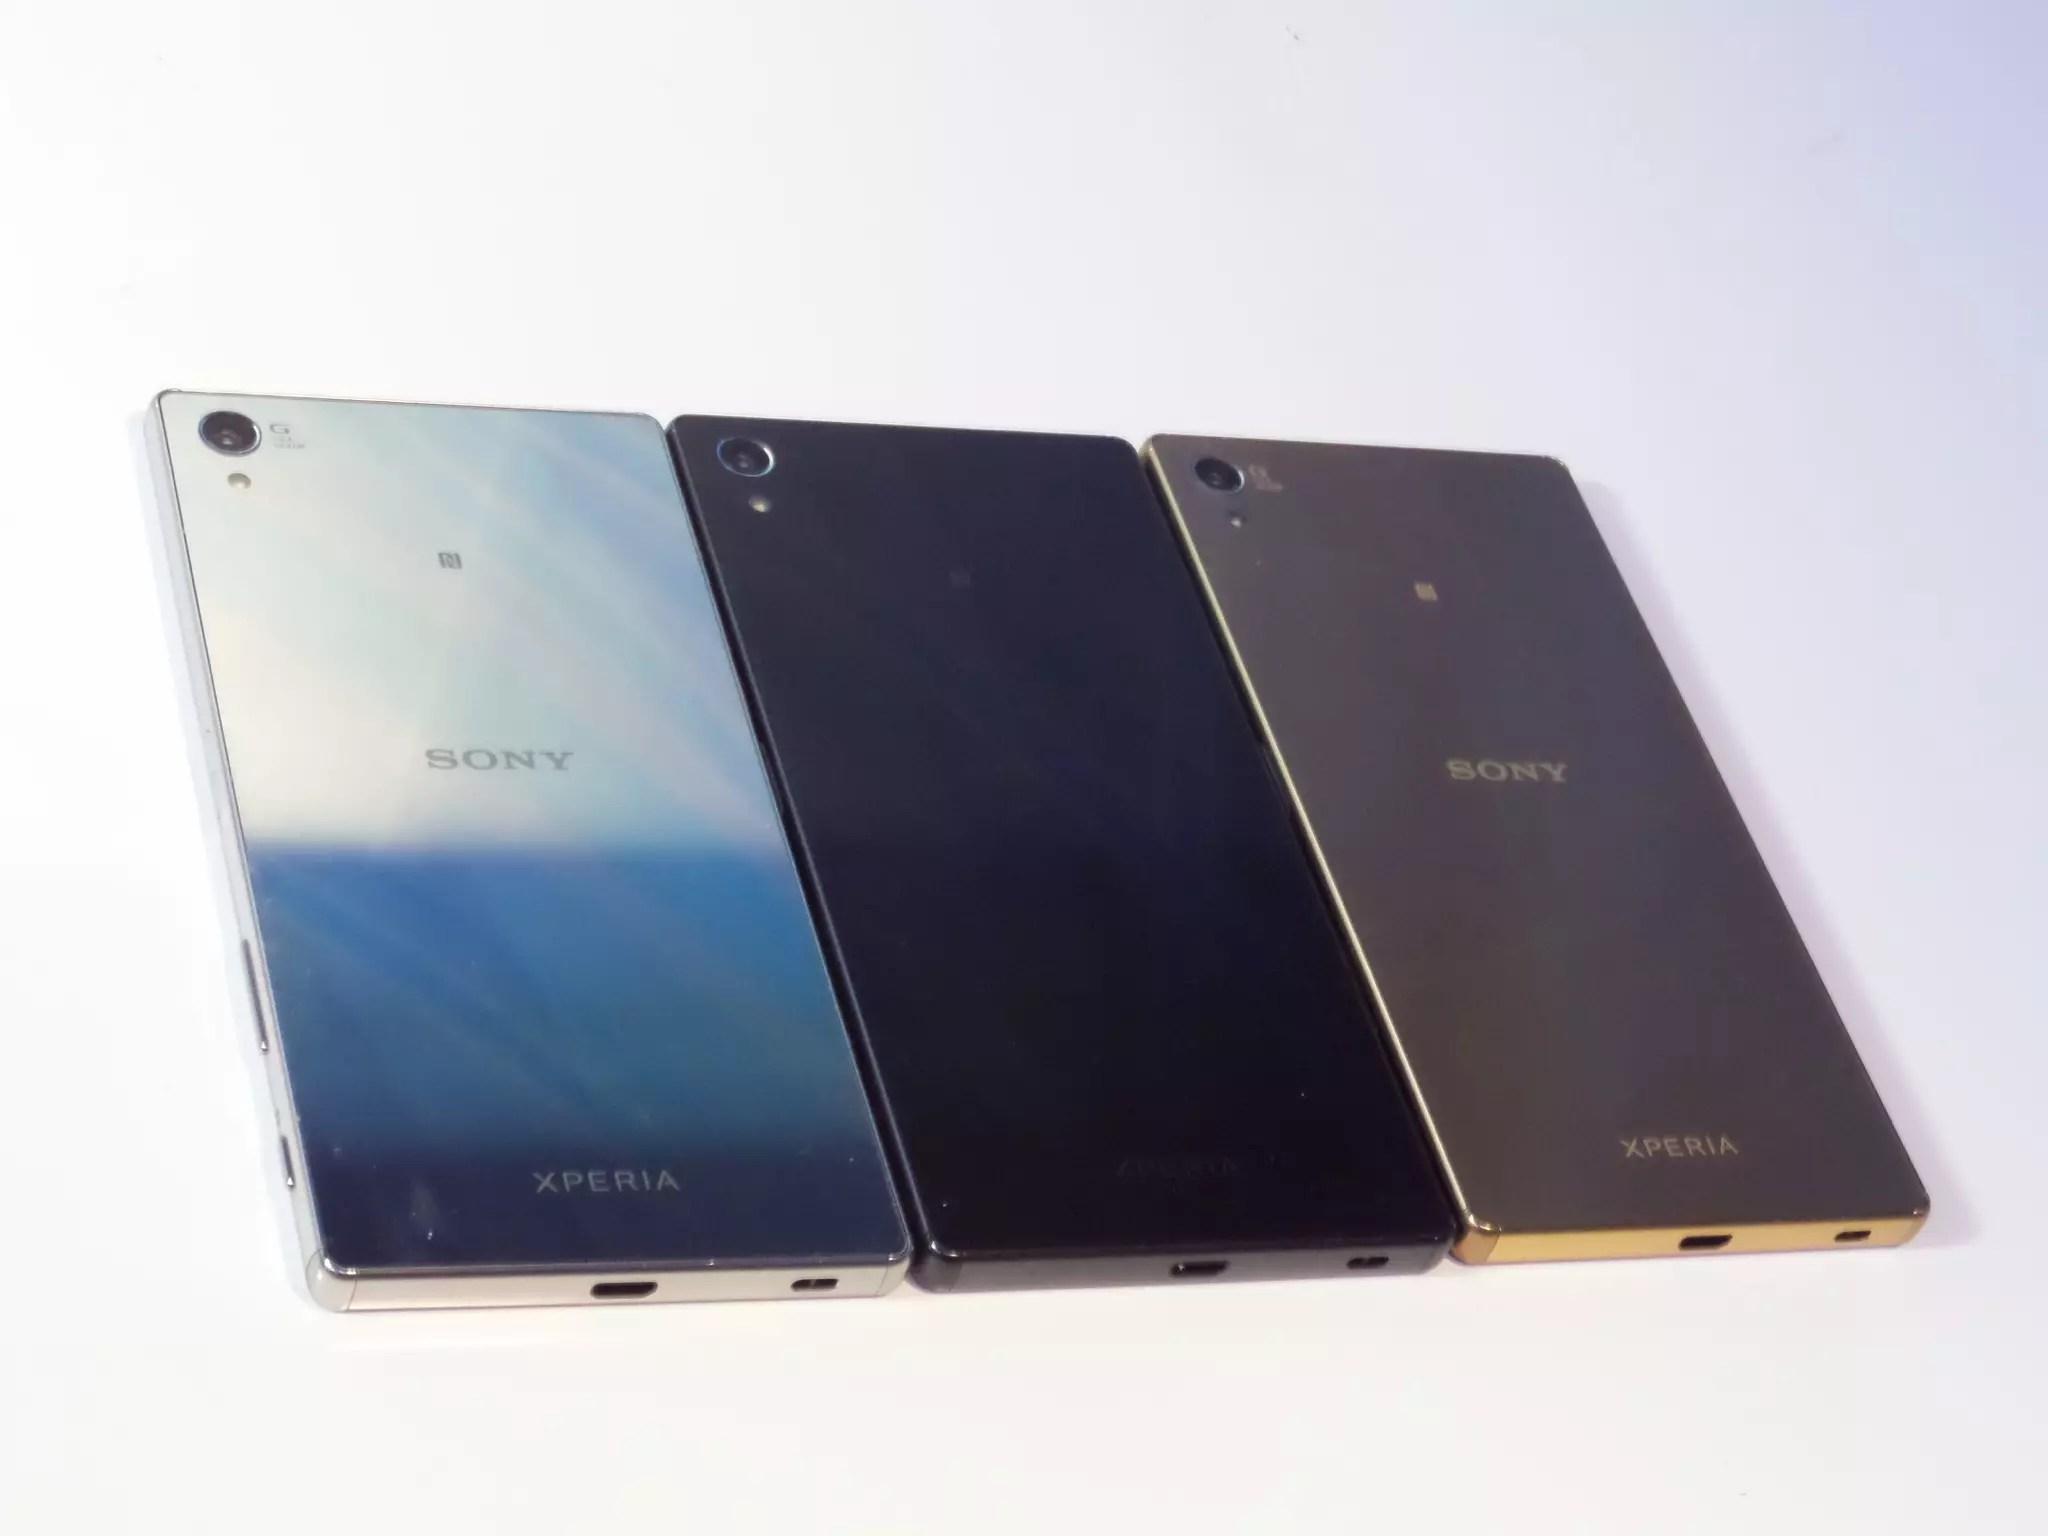 Sony Xperia Z5 Premium colores